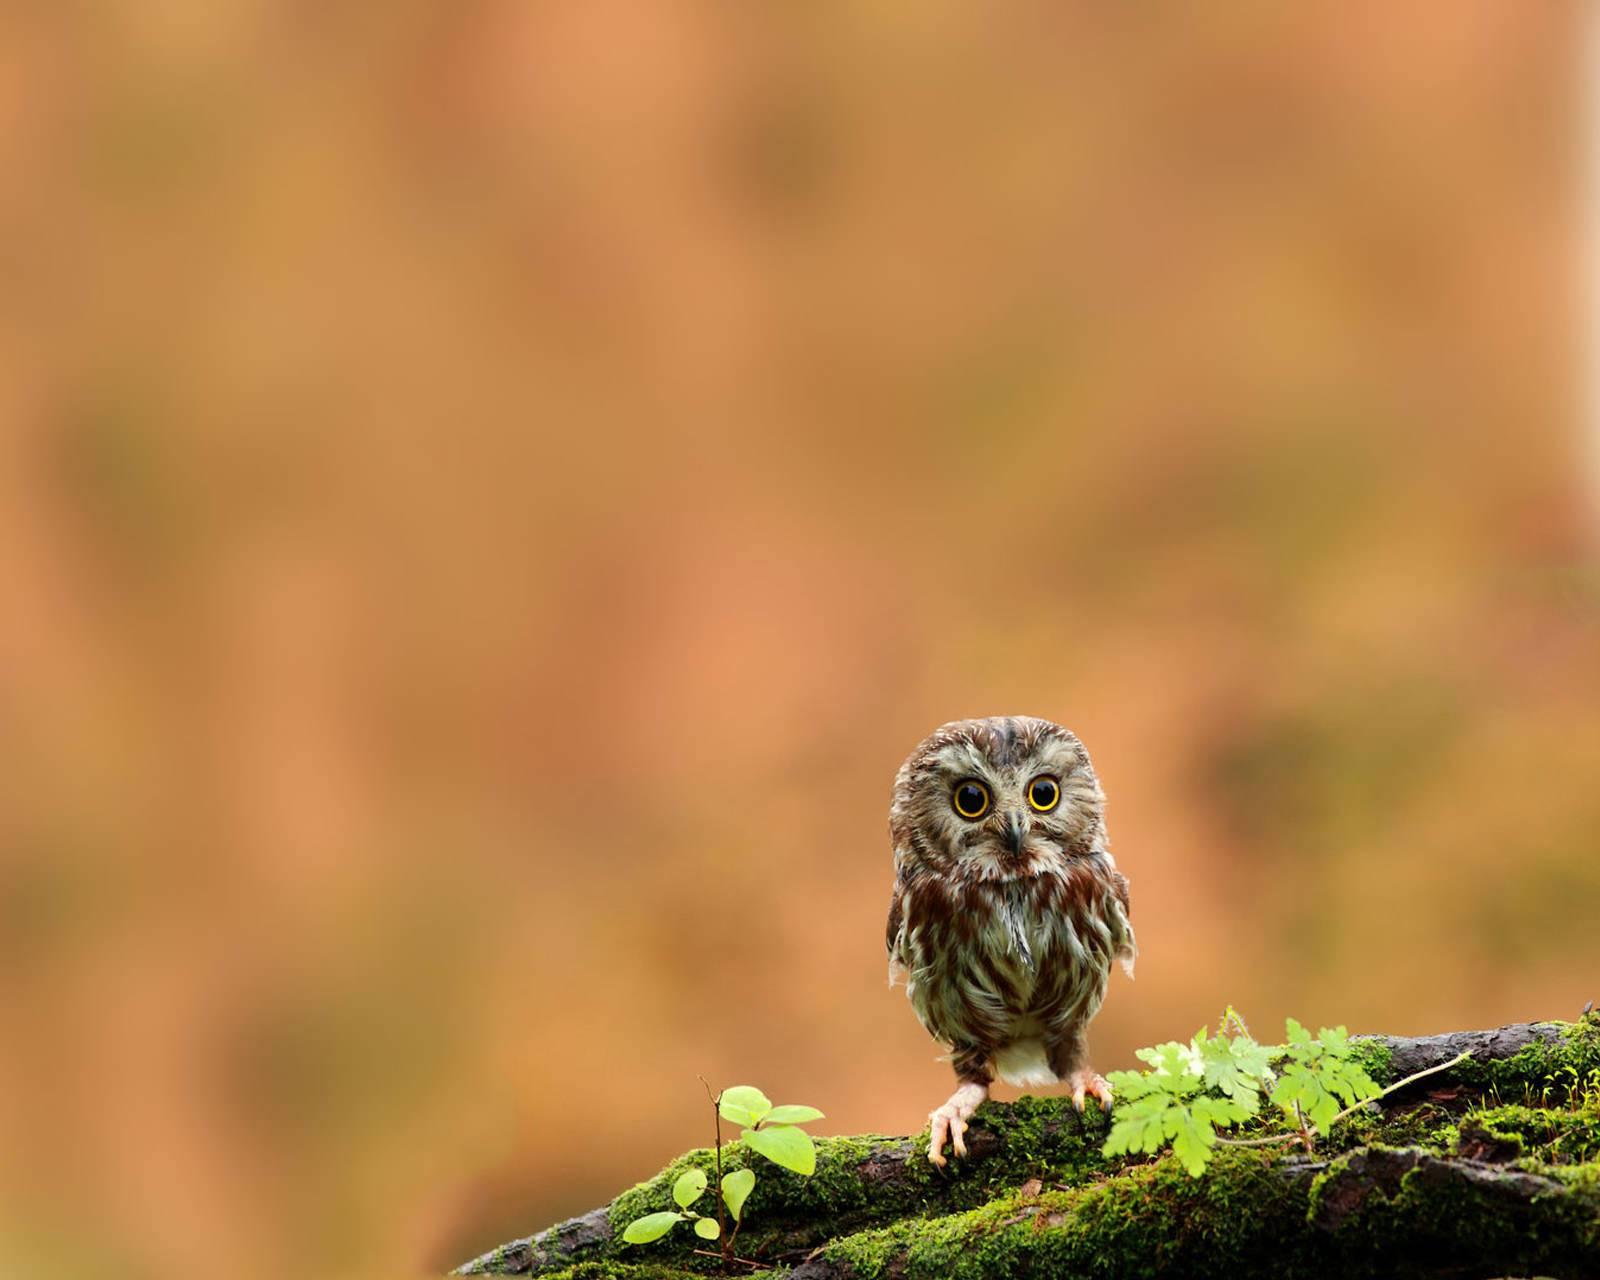 Little Owl Hd